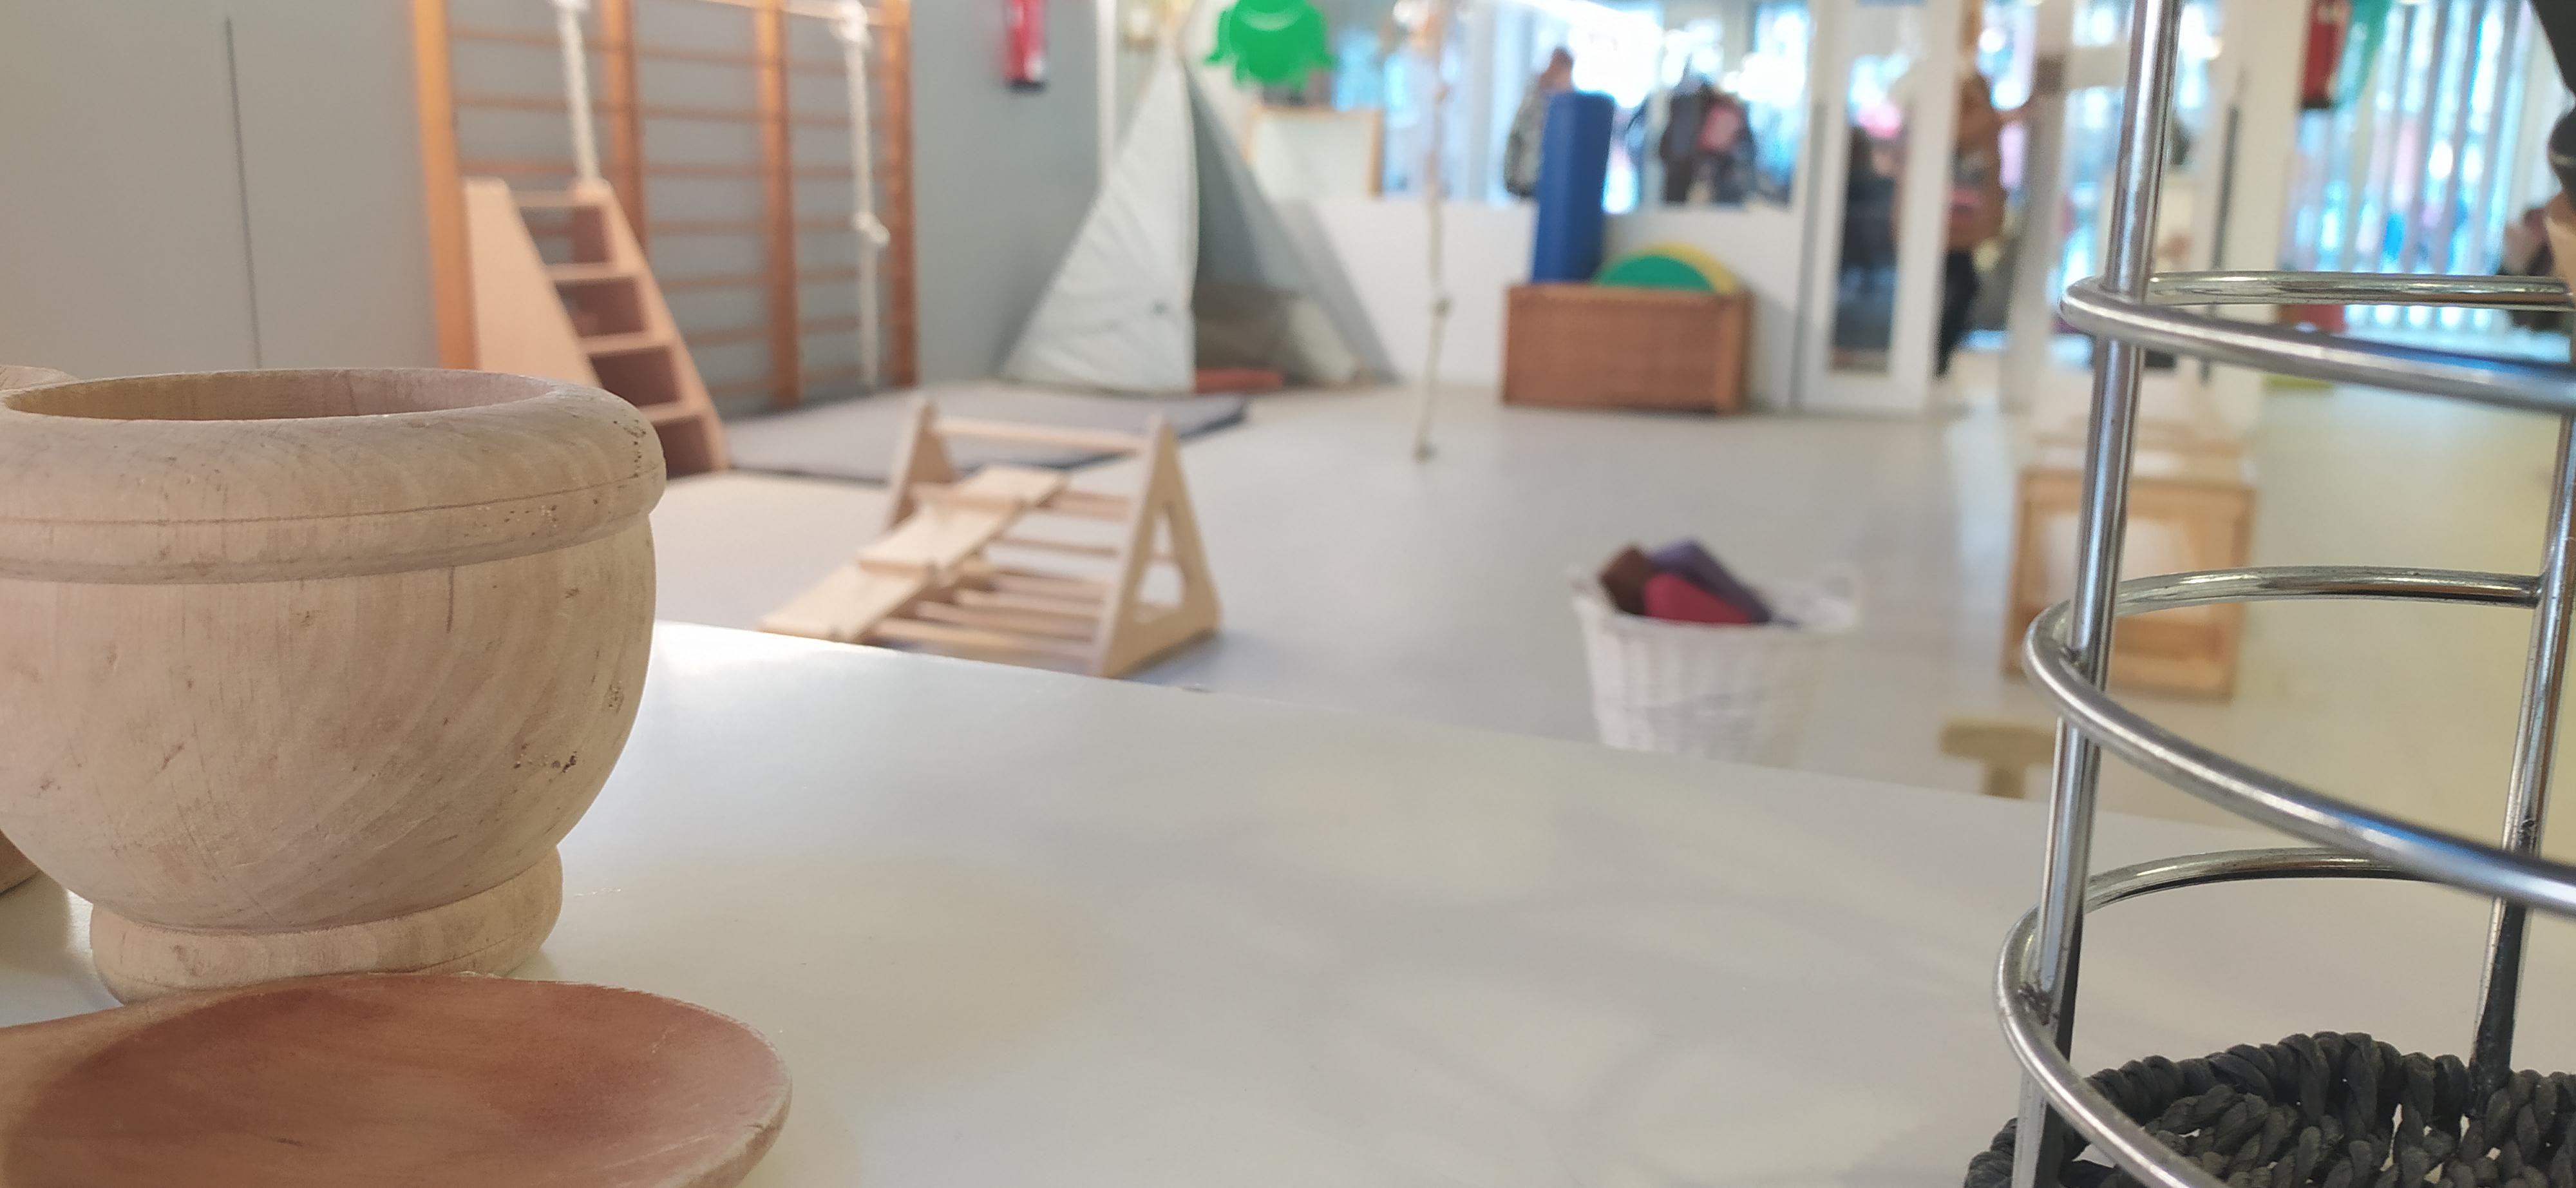 Sala d'usos múltiples amb diferents propostes de joc de moviment, tipi, material d'exploració...